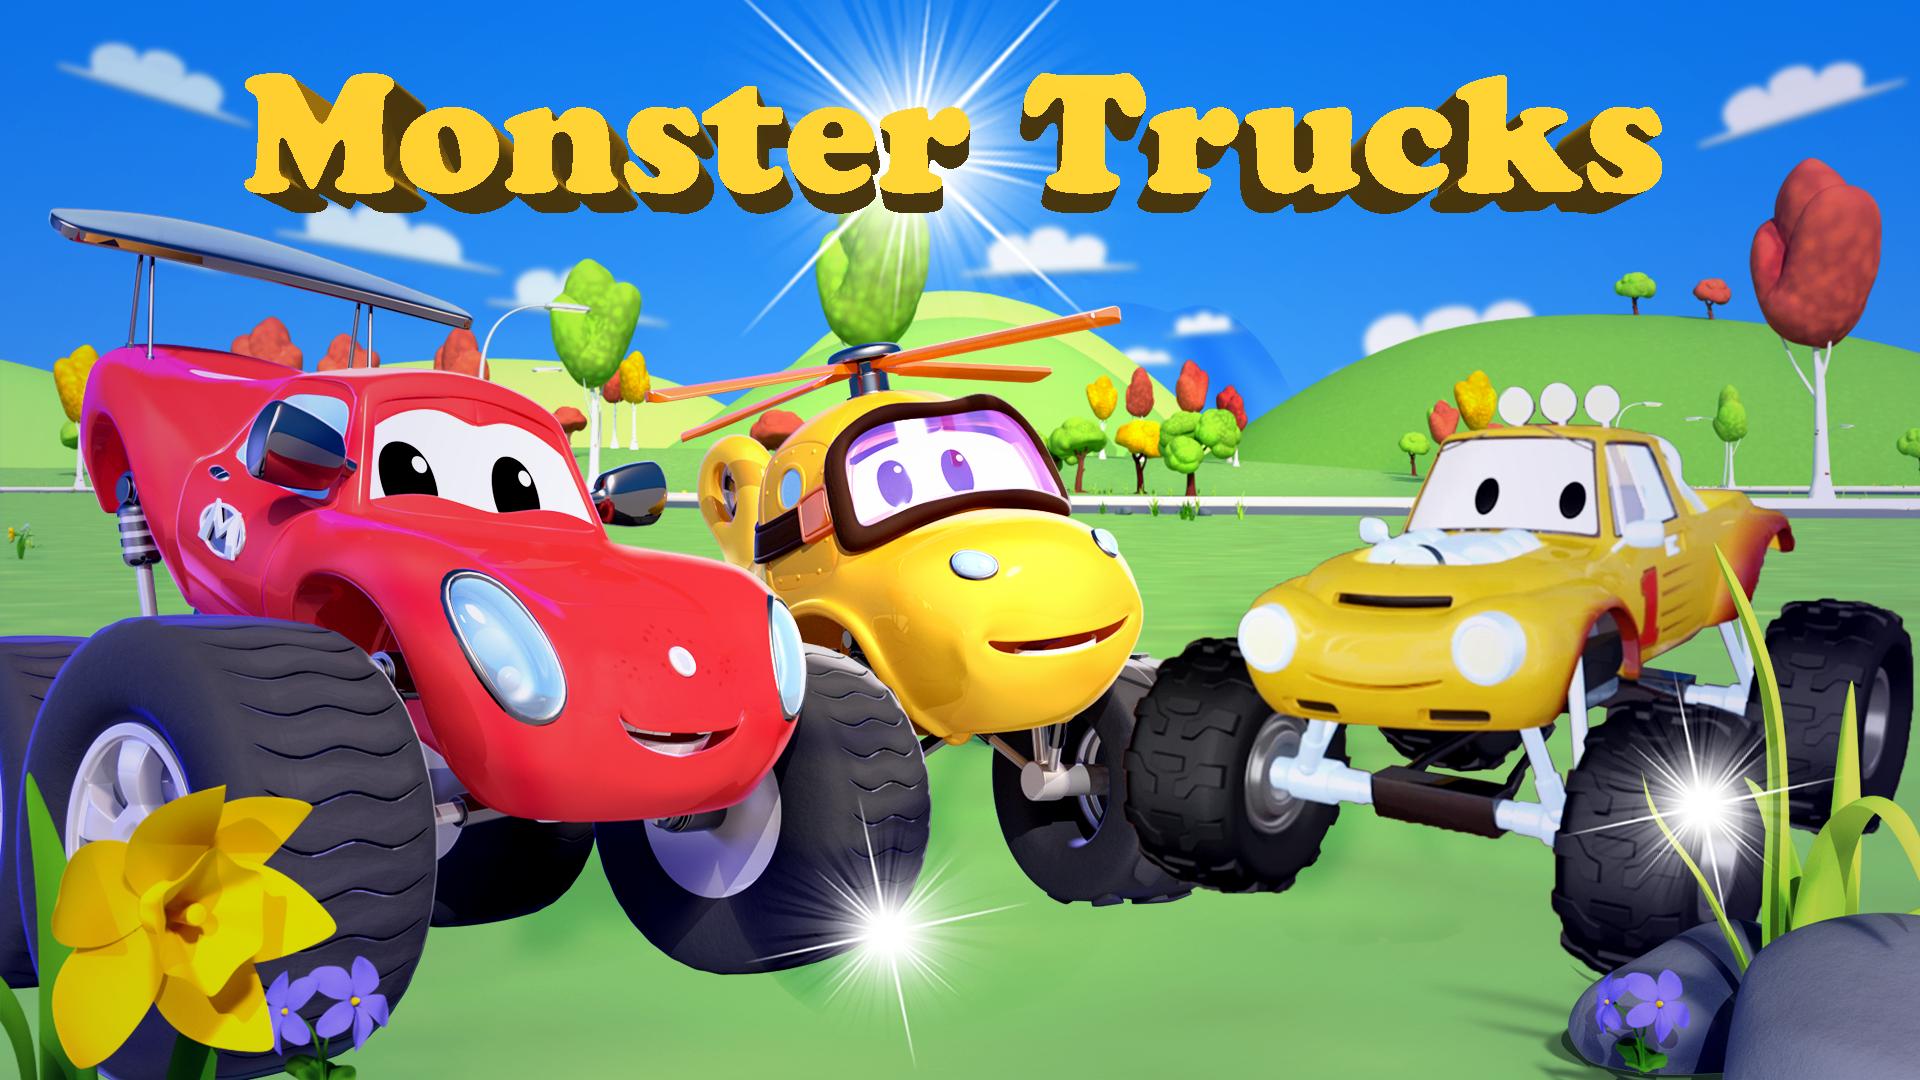 Monster Trucks - Truck Cartoon for Kids